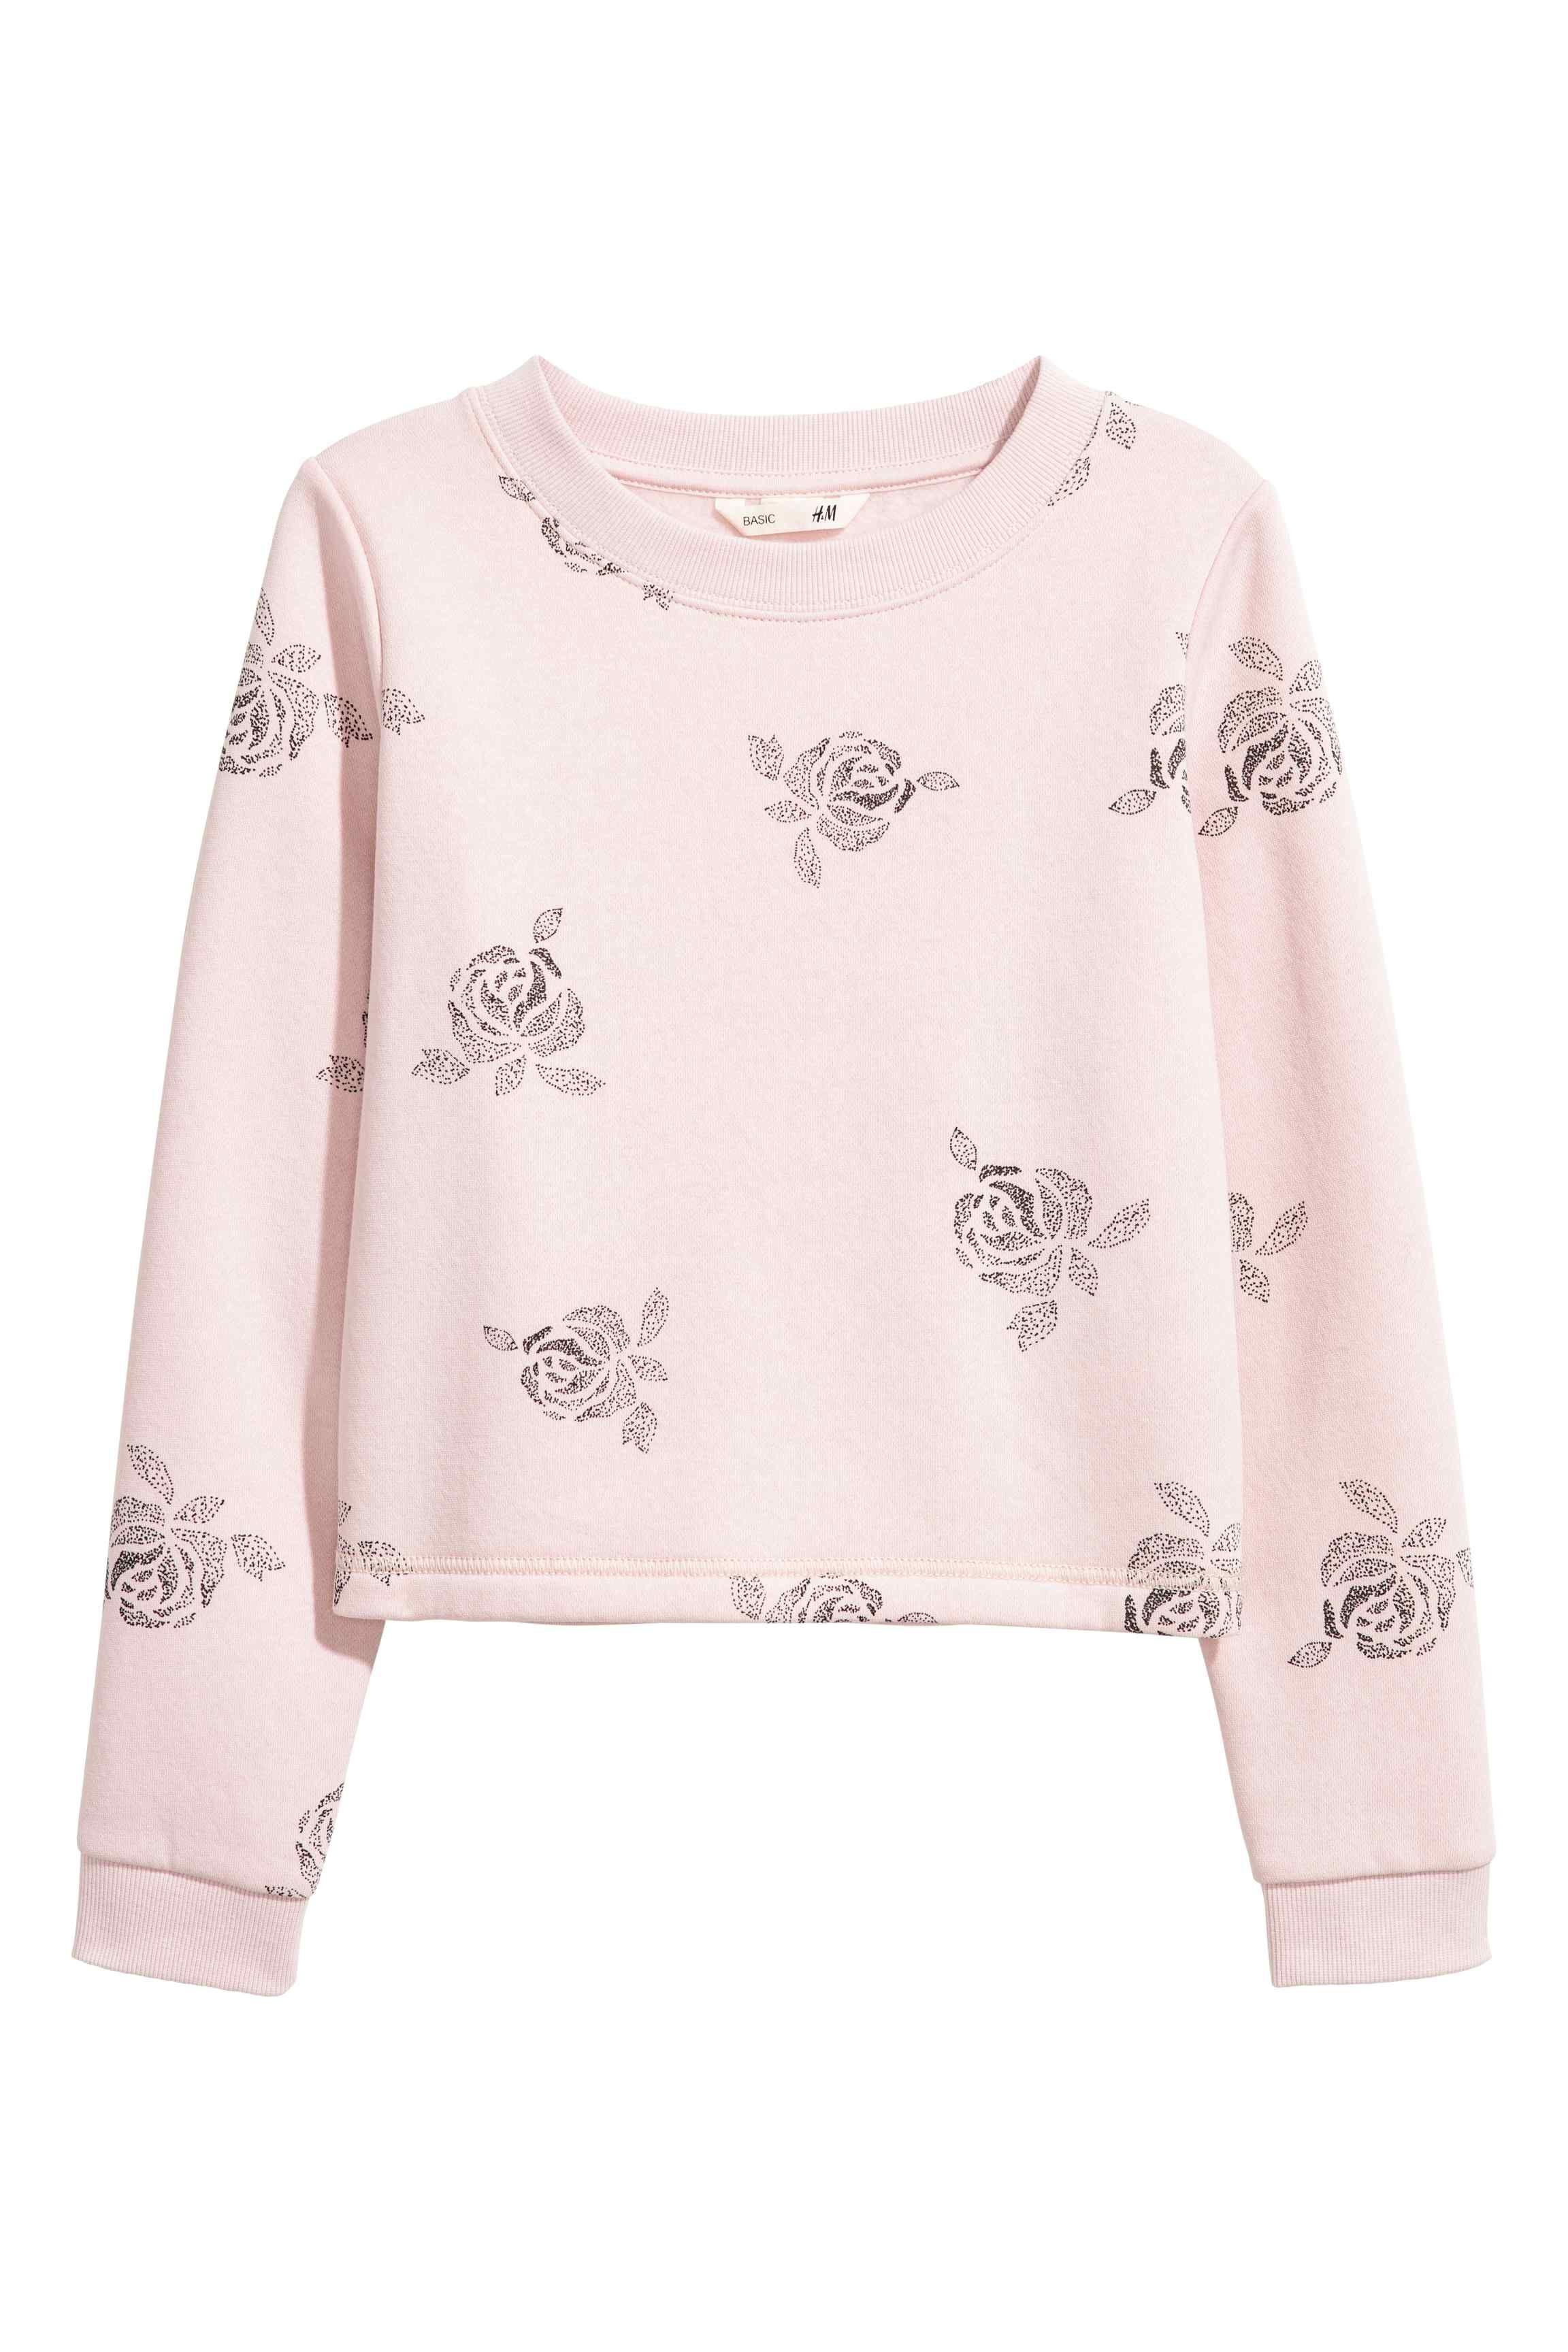 Sweat-shirt avec impression - Rose clair - ENFANT | H&M BE